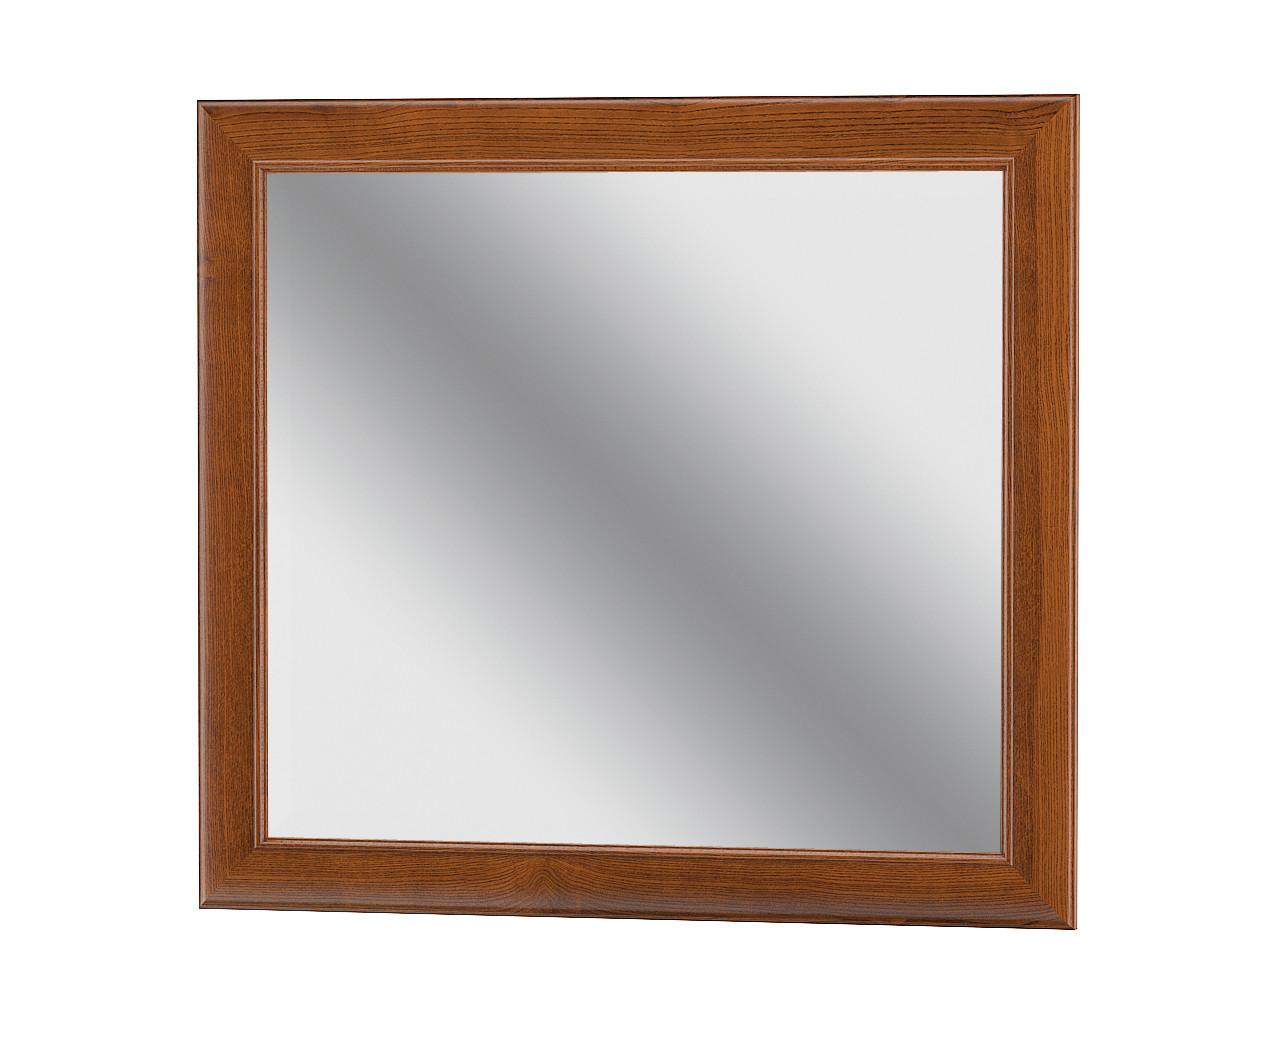 Зеркало Даллас вишня Мебель-сервис